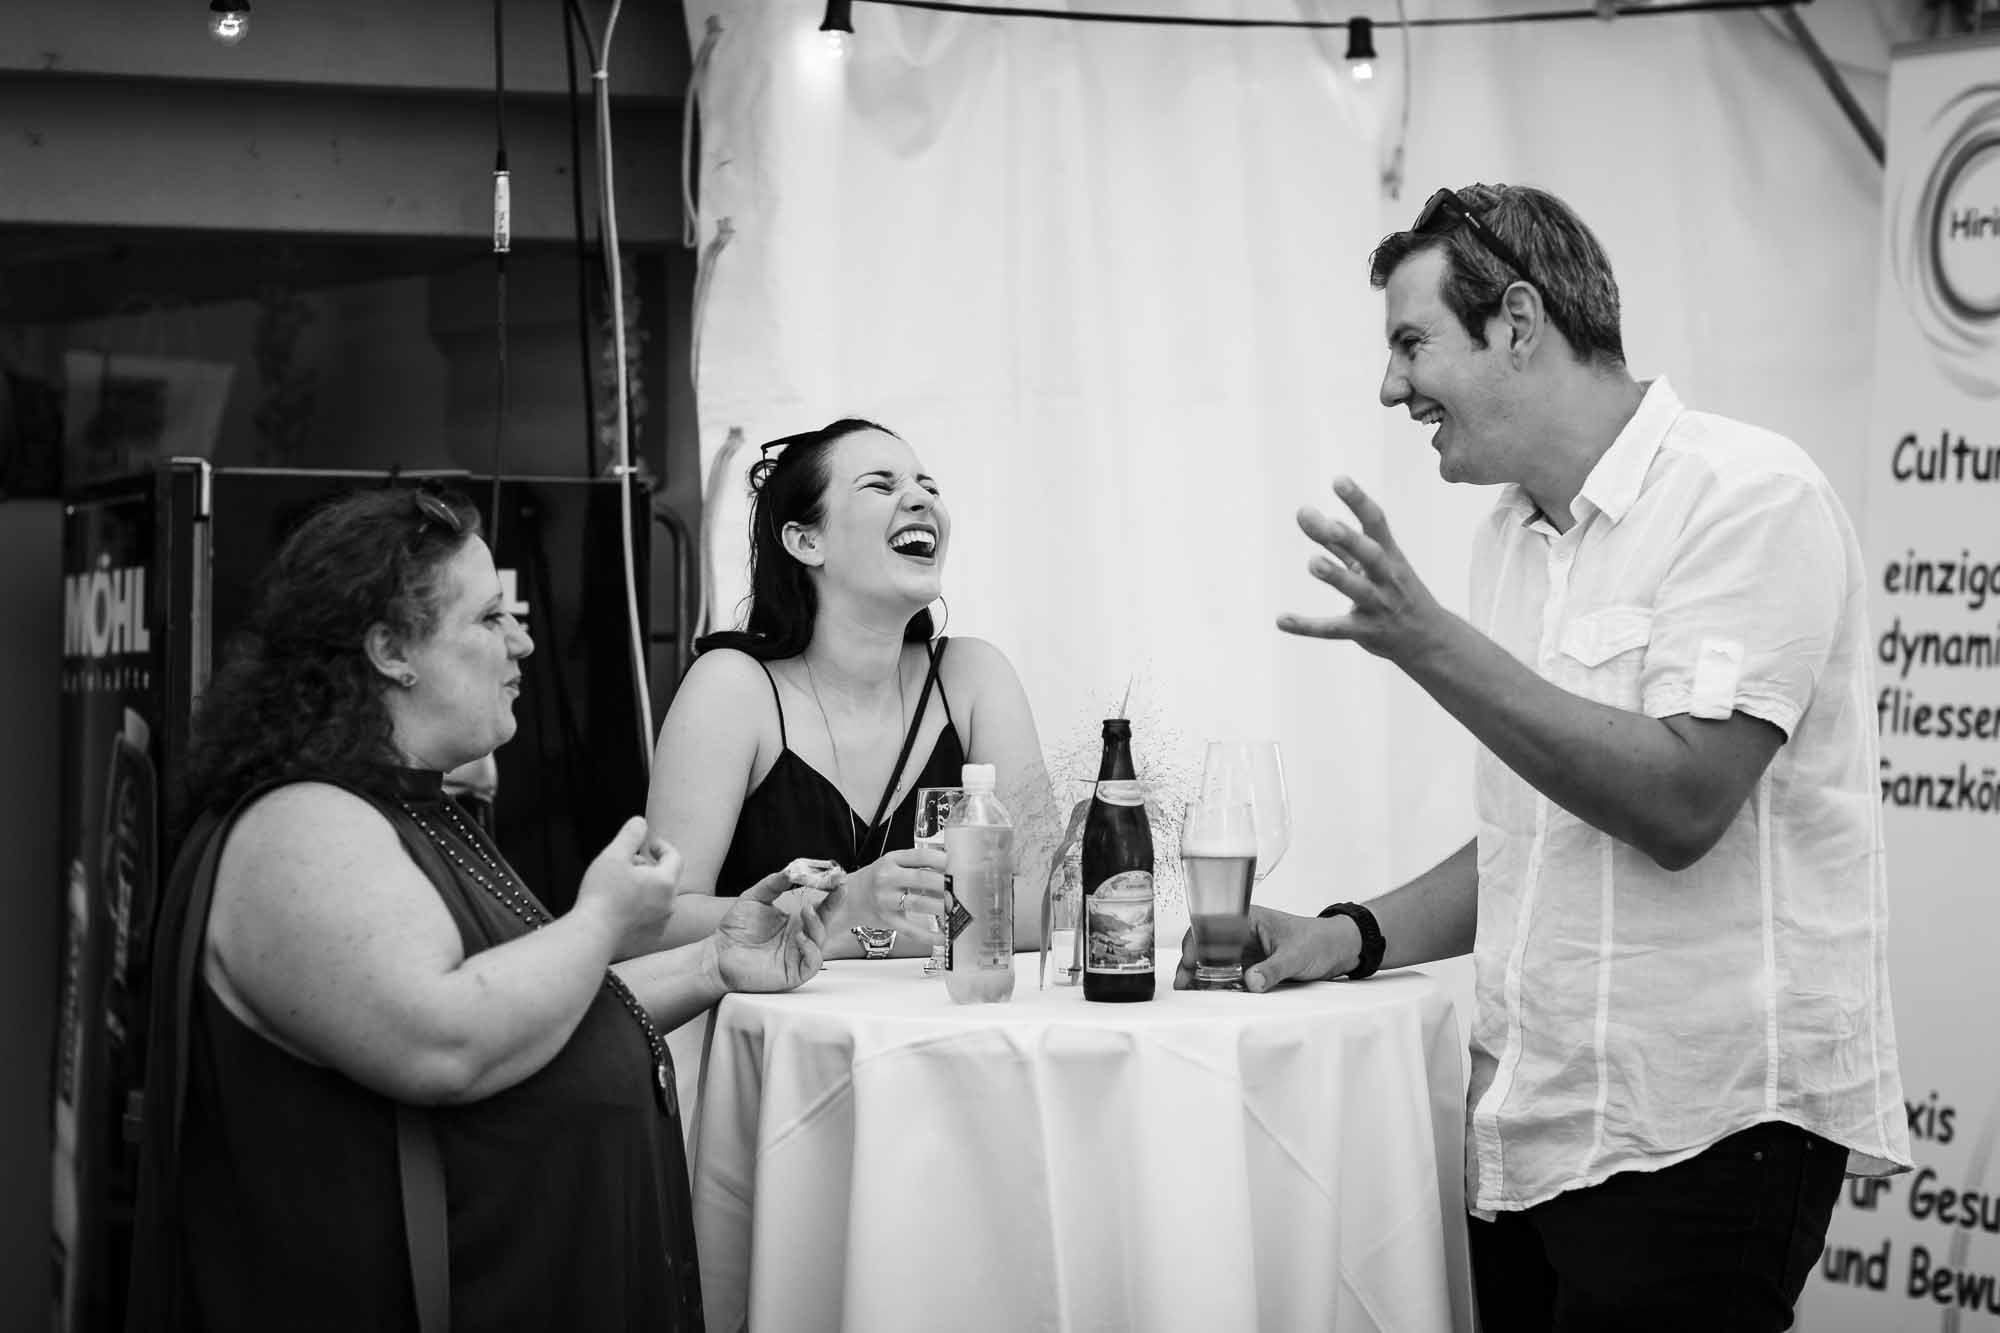 Gäste lachen beim Gespräch